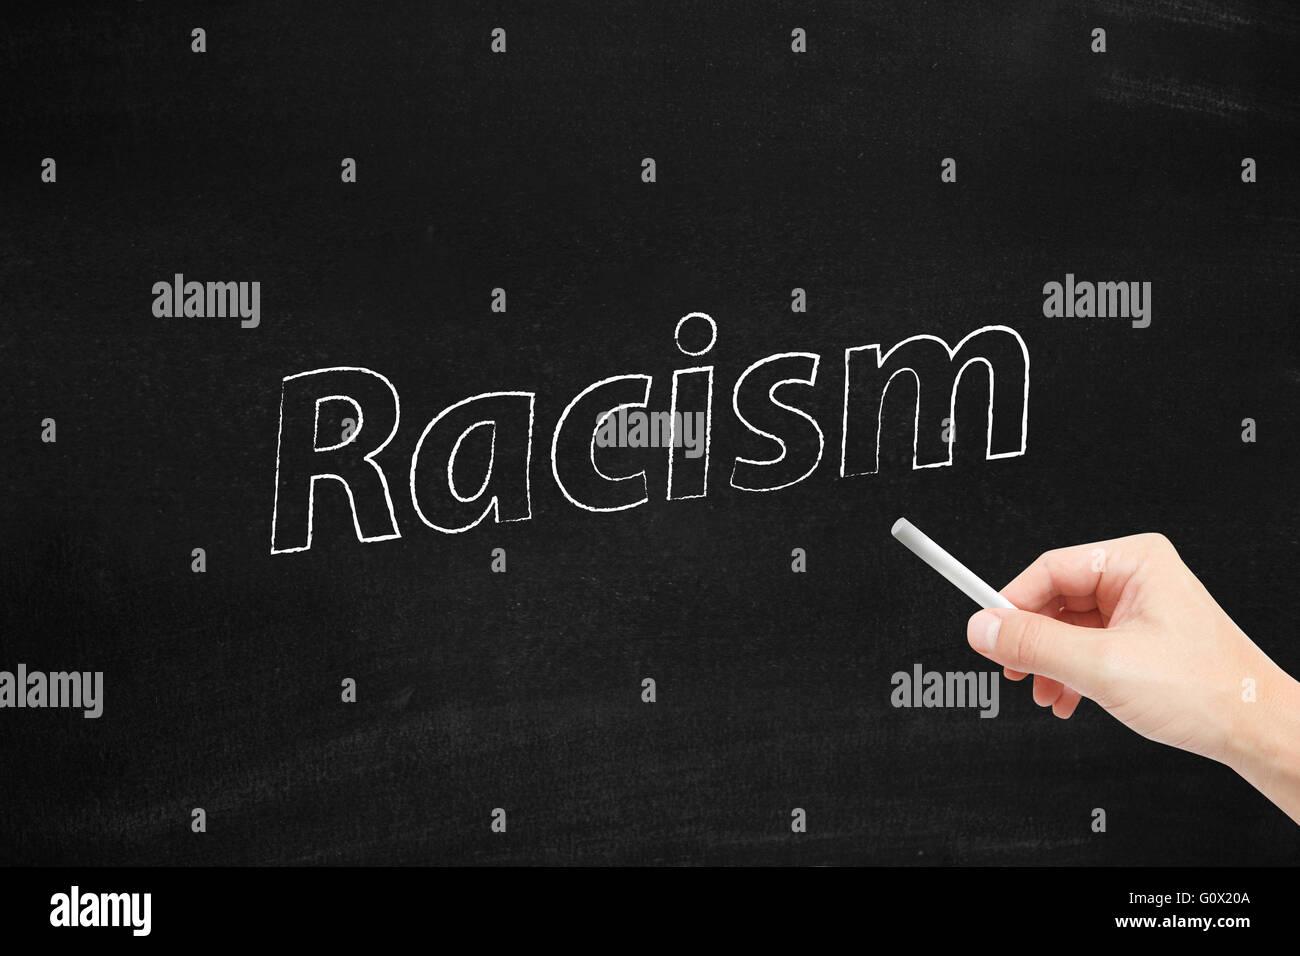 Racism written on a blackboard - Stock Image